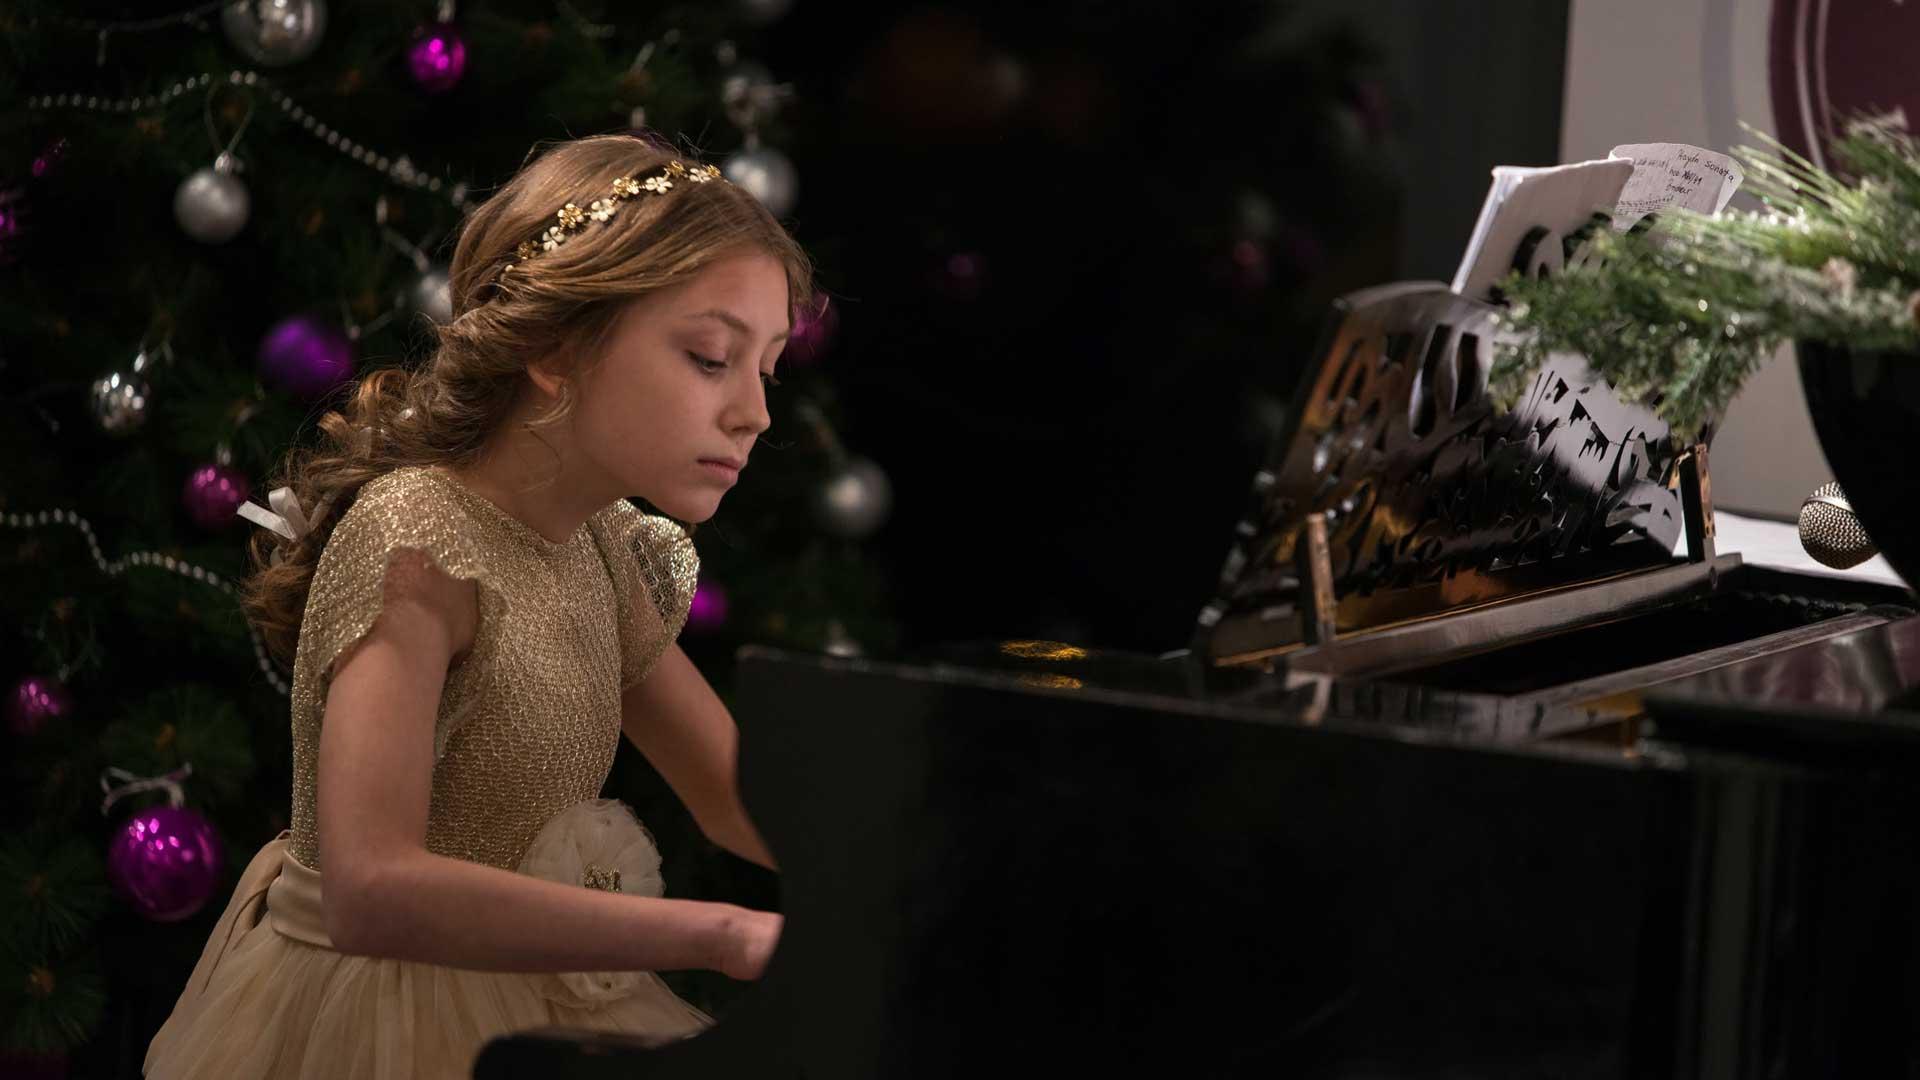 sapart klavir